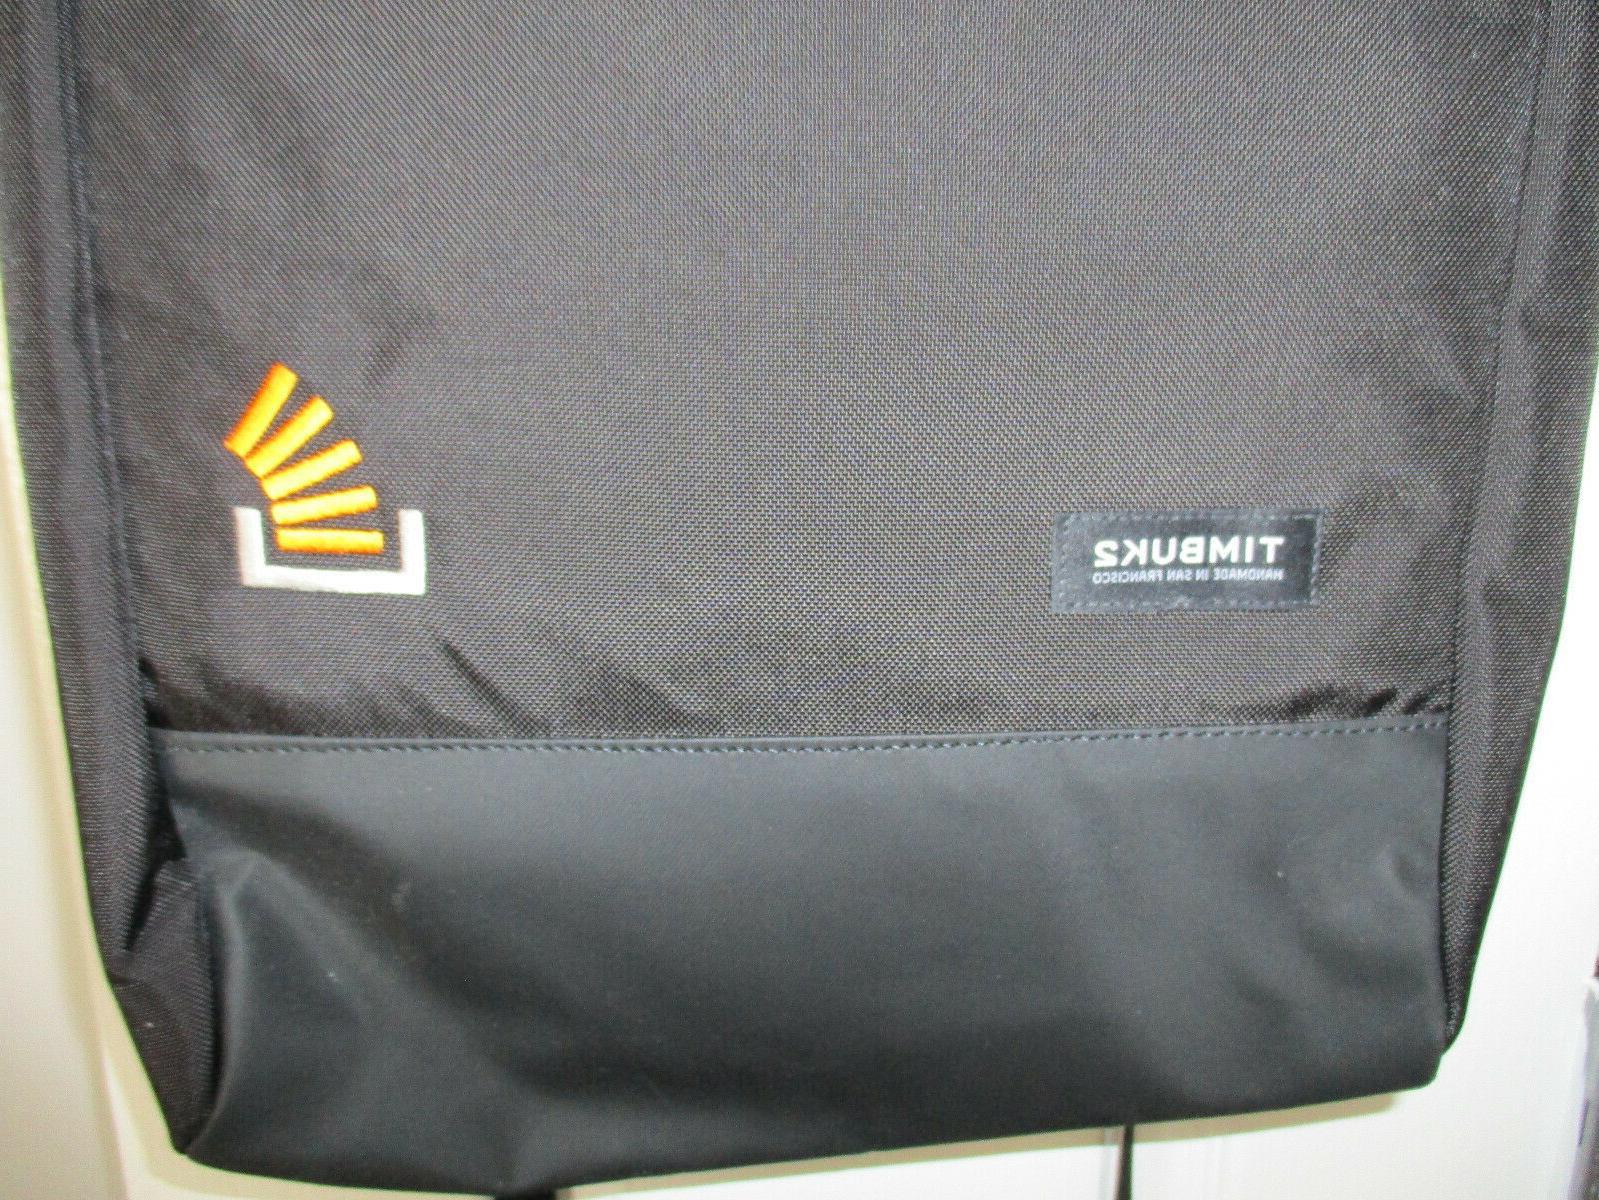 NEW Top Laptop Prospect Backpack Messenger Bag!